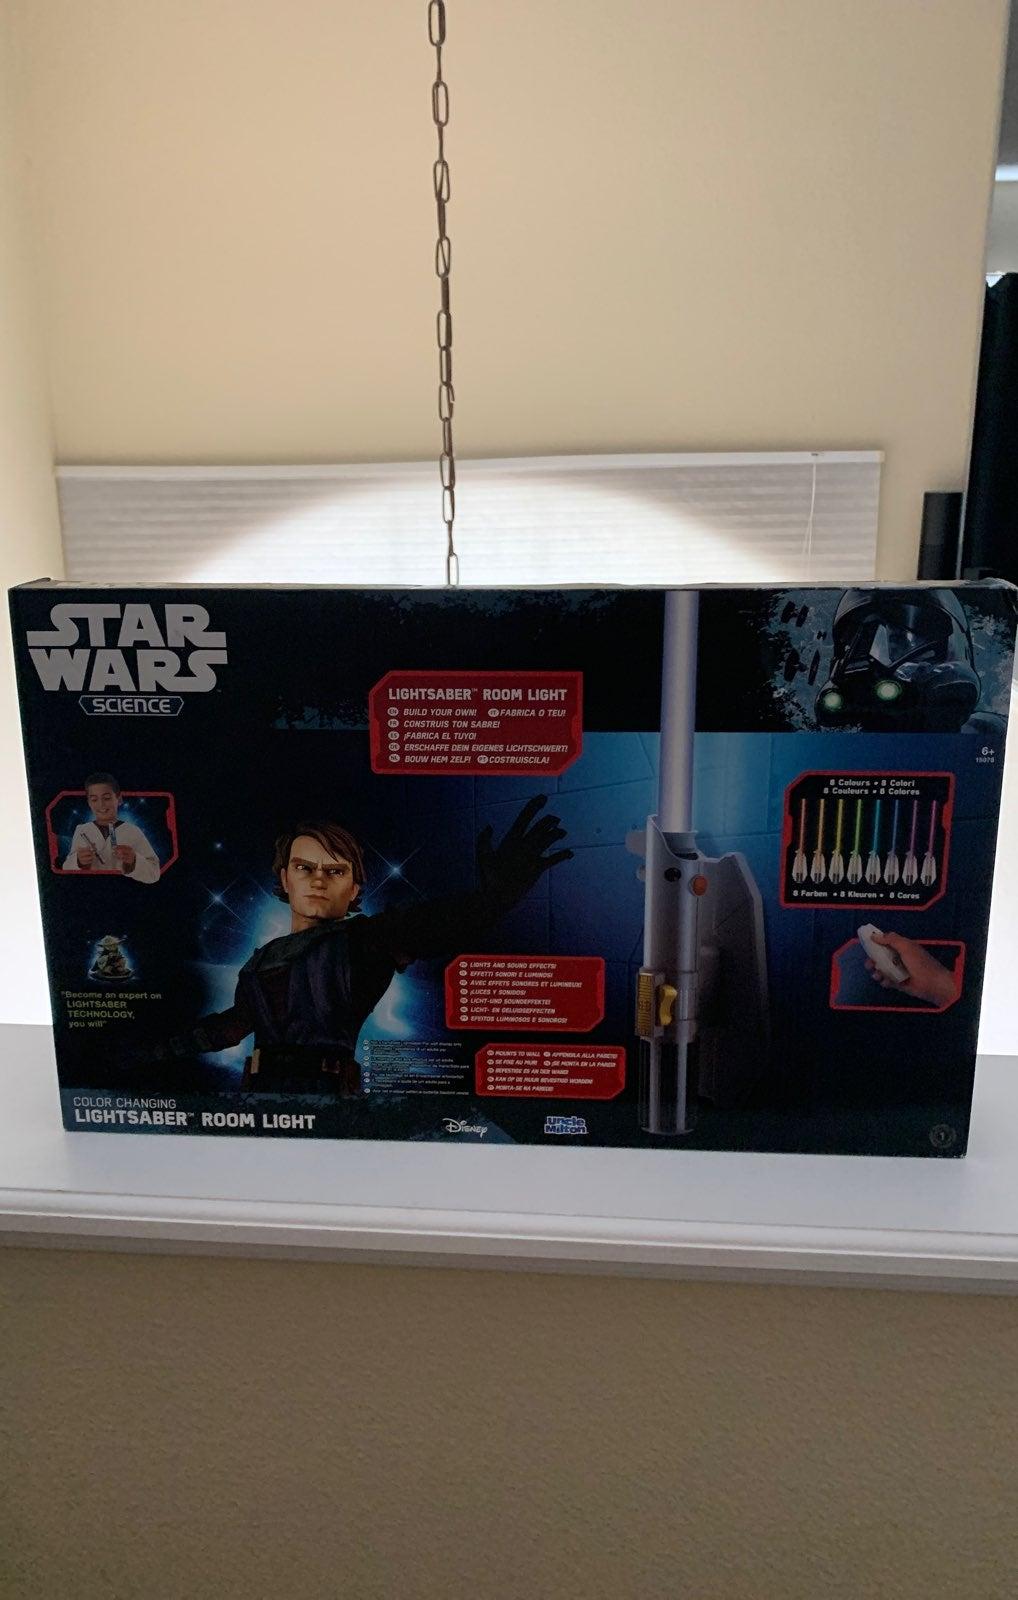 Star Wars Science- Lightsaber Room Light